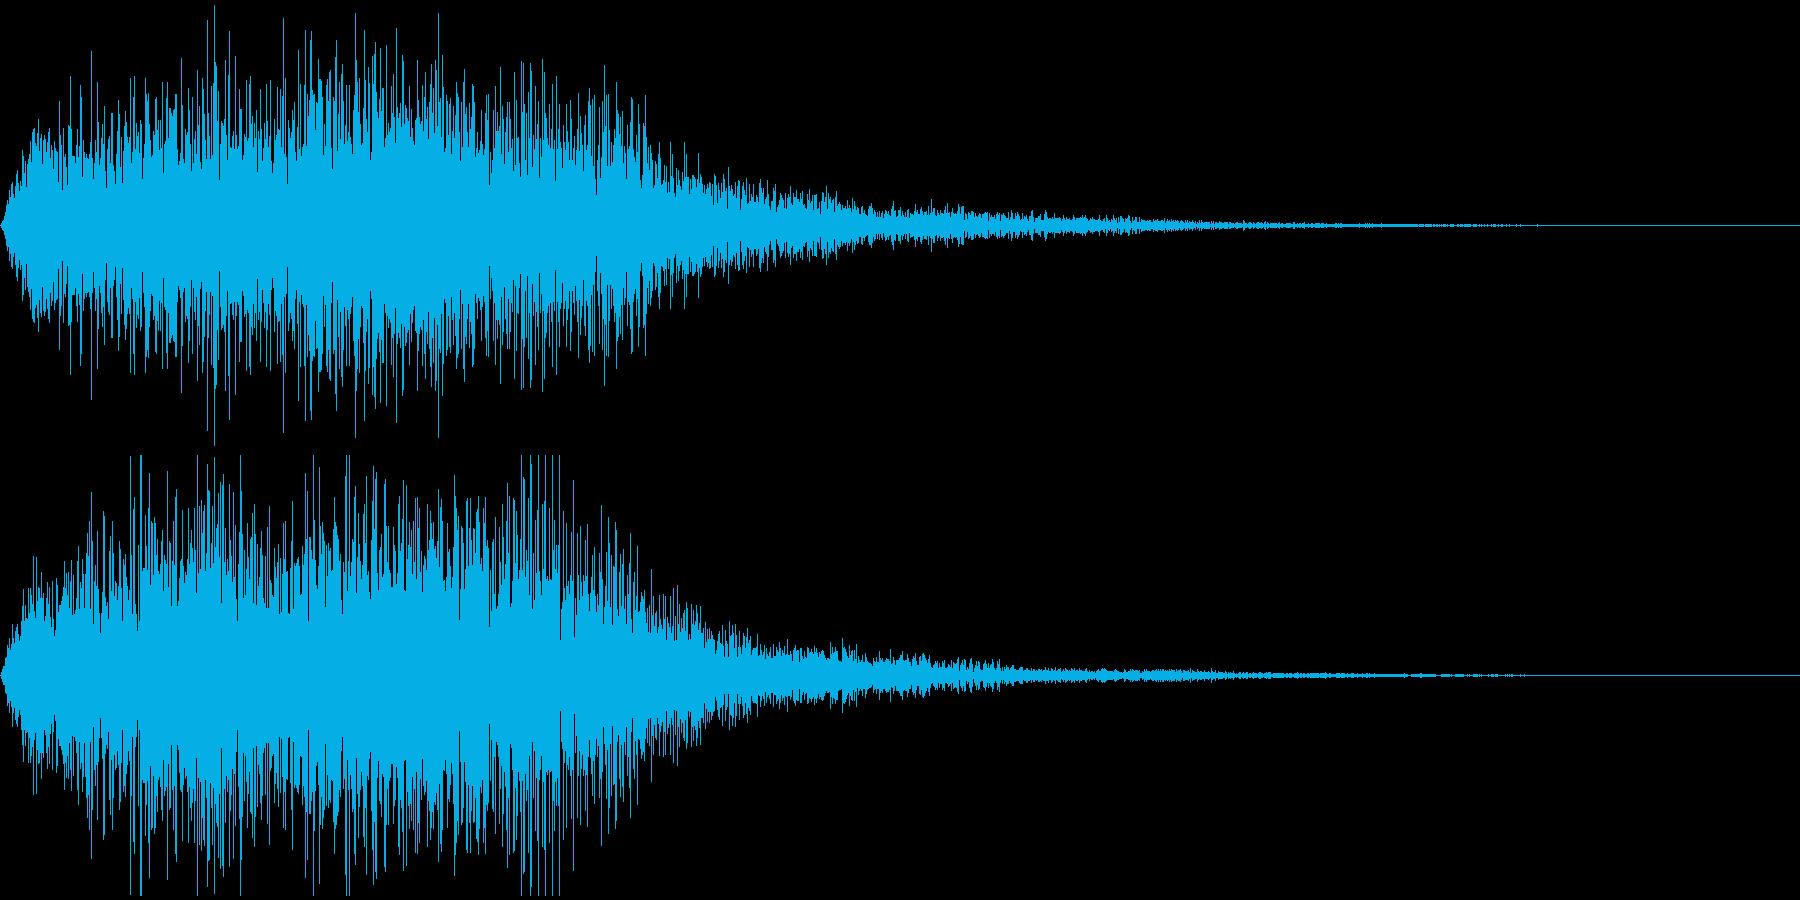 ミッションクリア、レベルアップのジングルの再生済みの波形